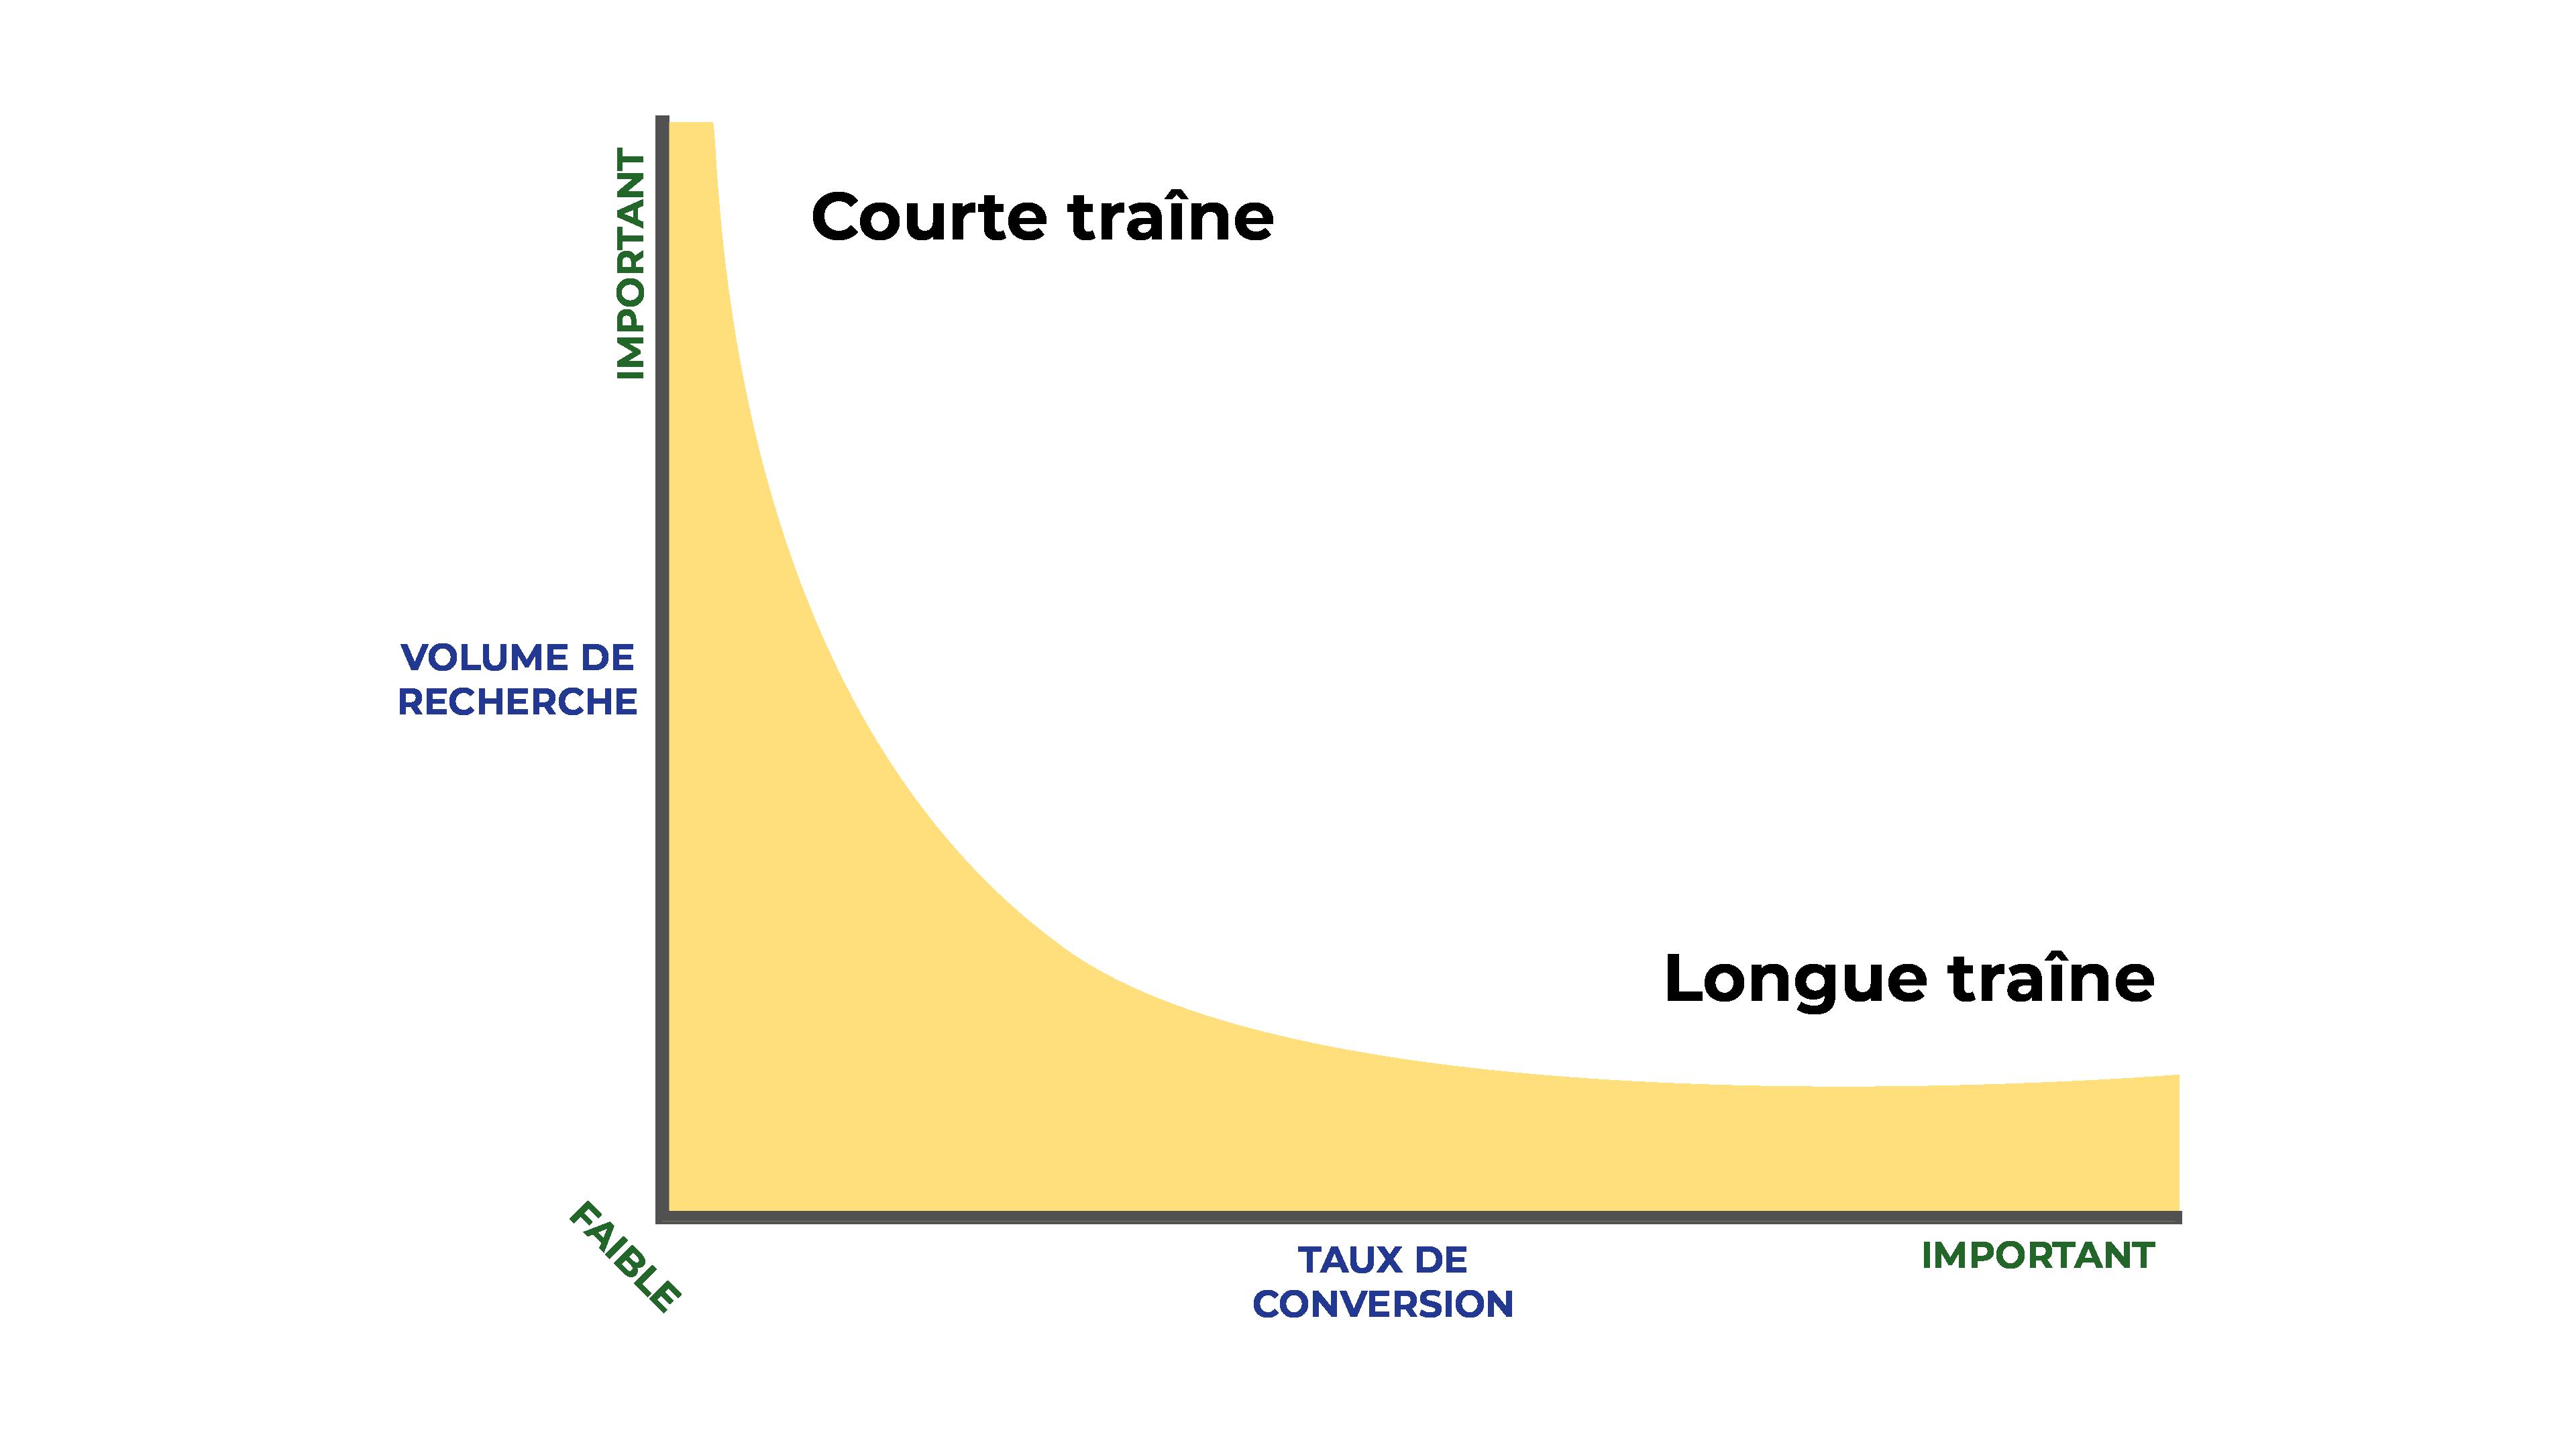 Un graphique présente la quantité de mots clés existant pour les deux types de mot clés : de courte traîne et longue traîne.